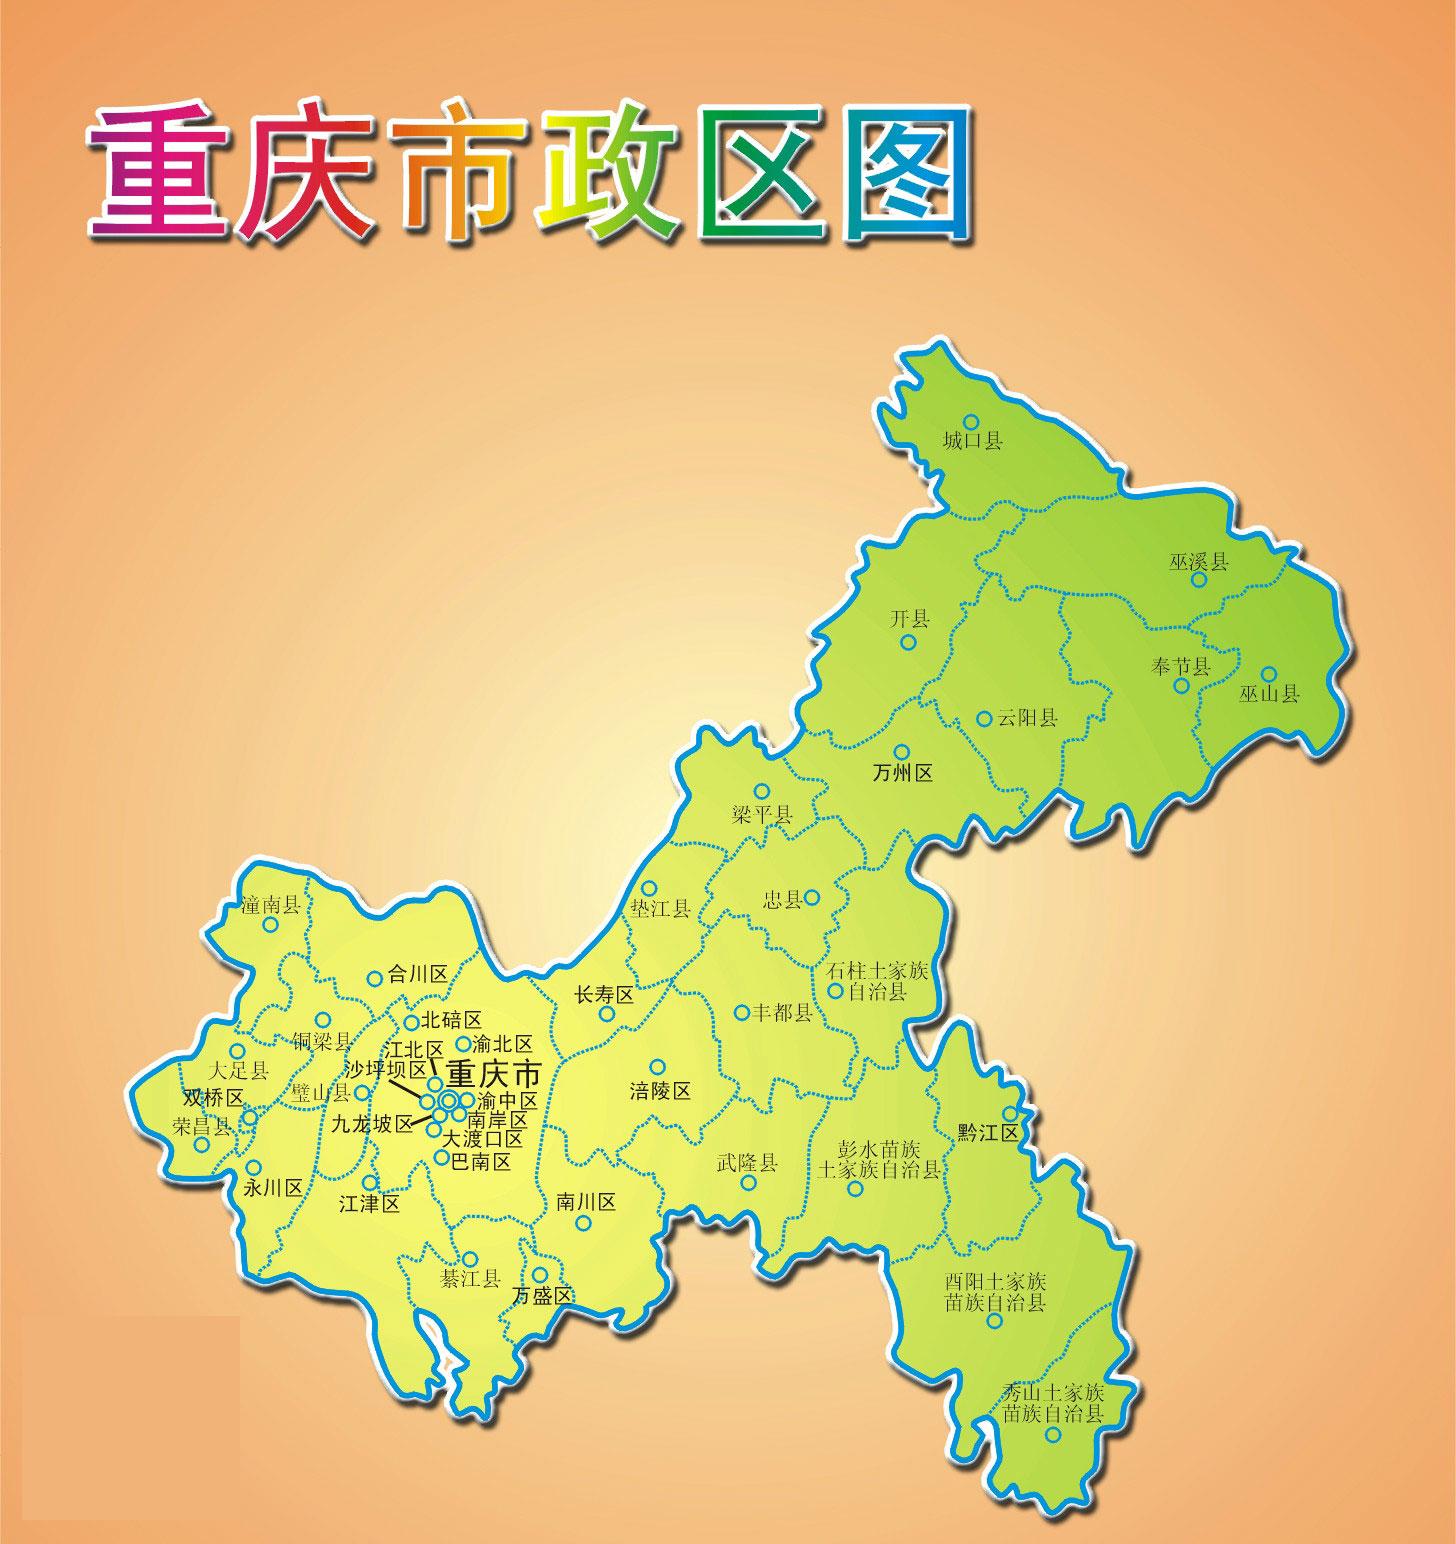 重庆市行政区域图